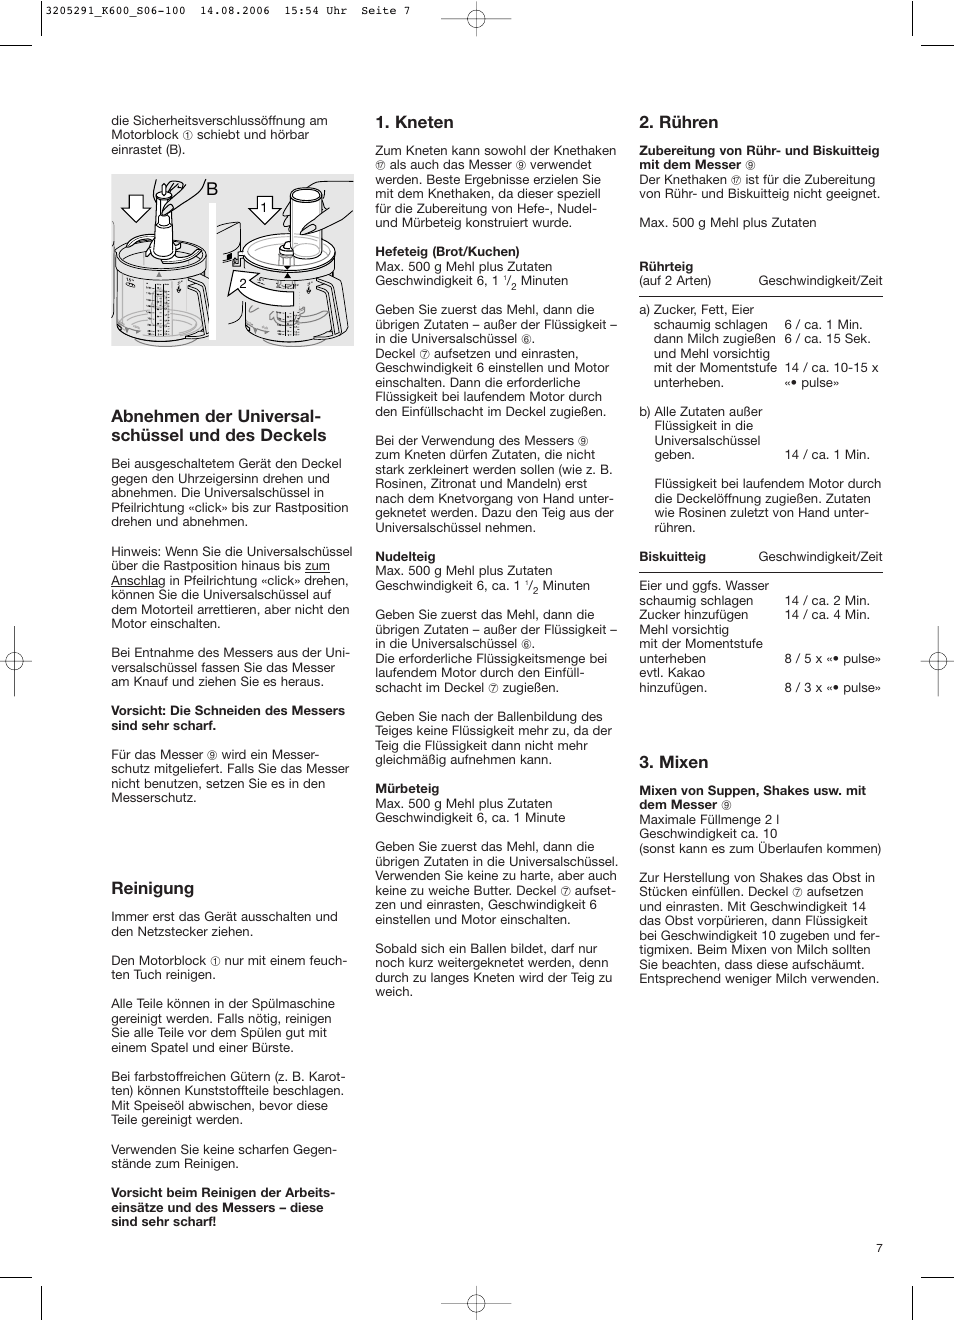 Abnehmen der universal- schüssel und des deckels